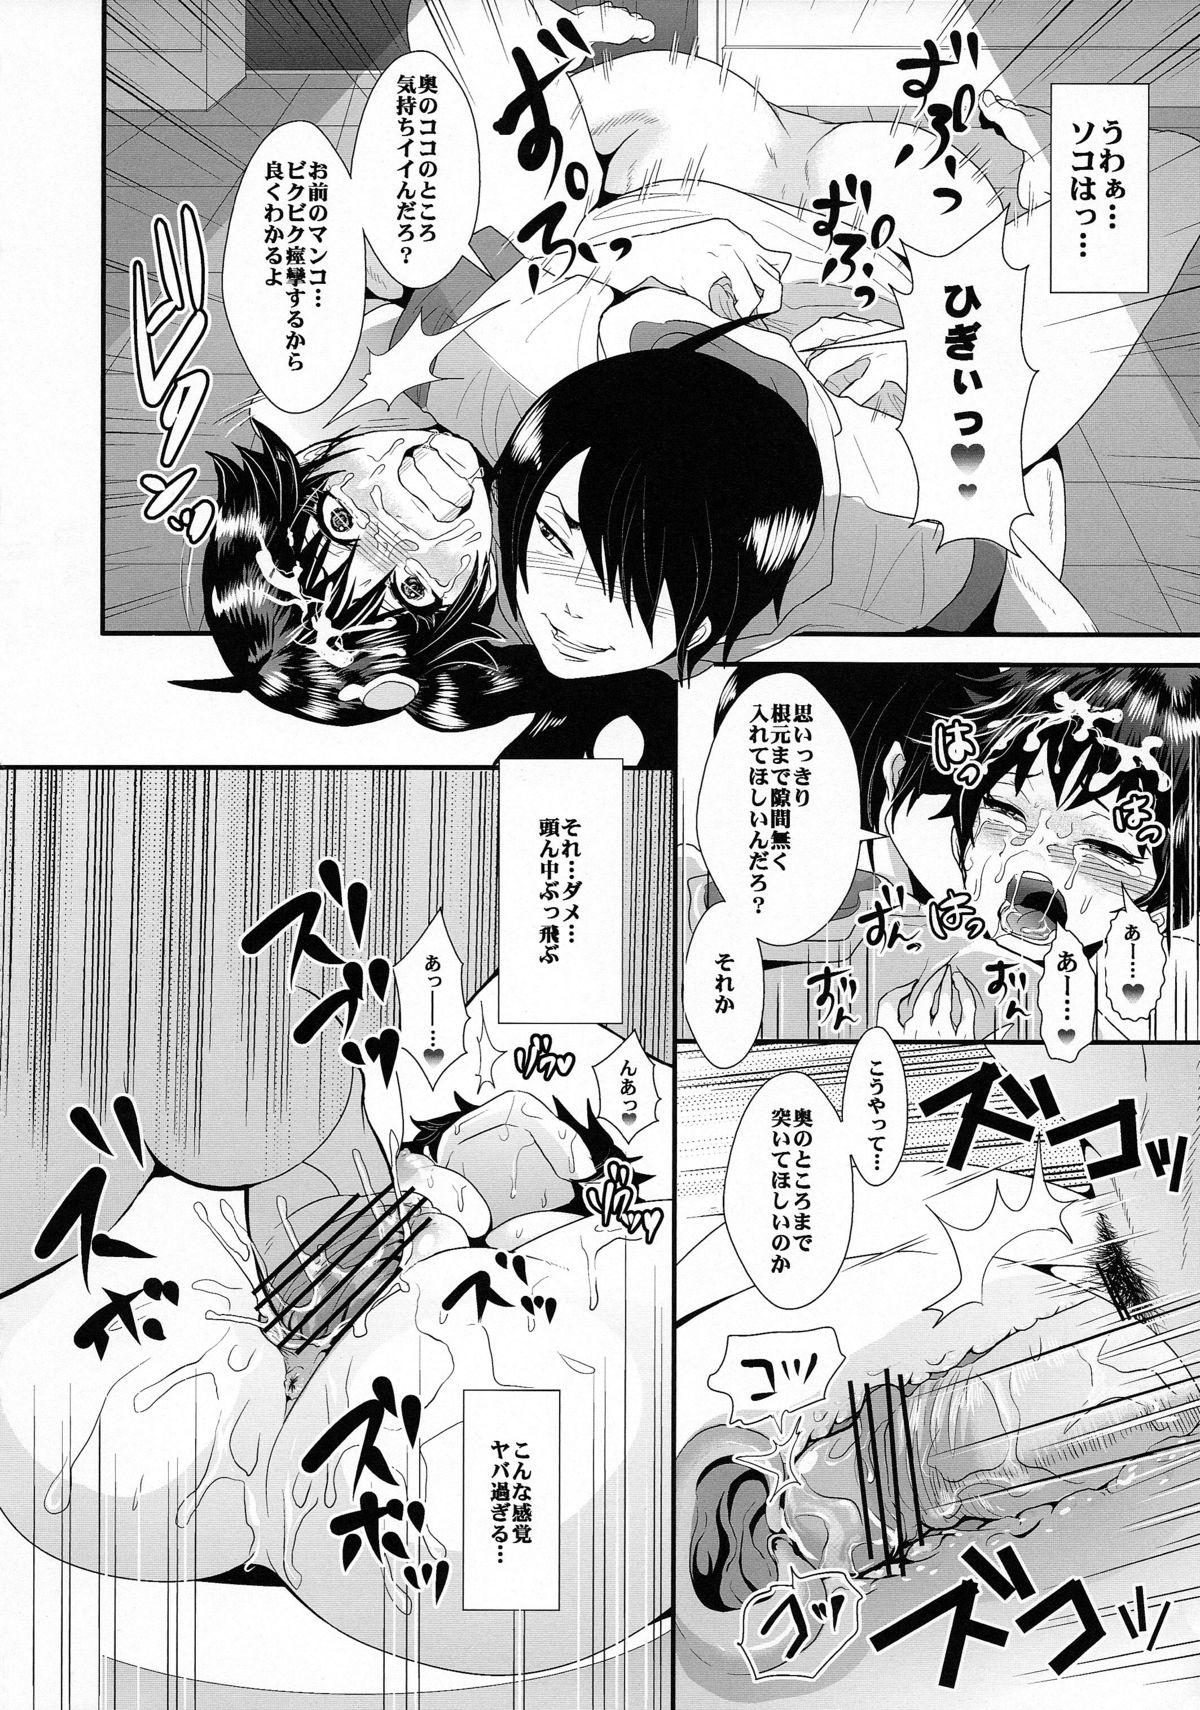 Netsu ni Okasareta Karen-chan to Toilet de.... 19